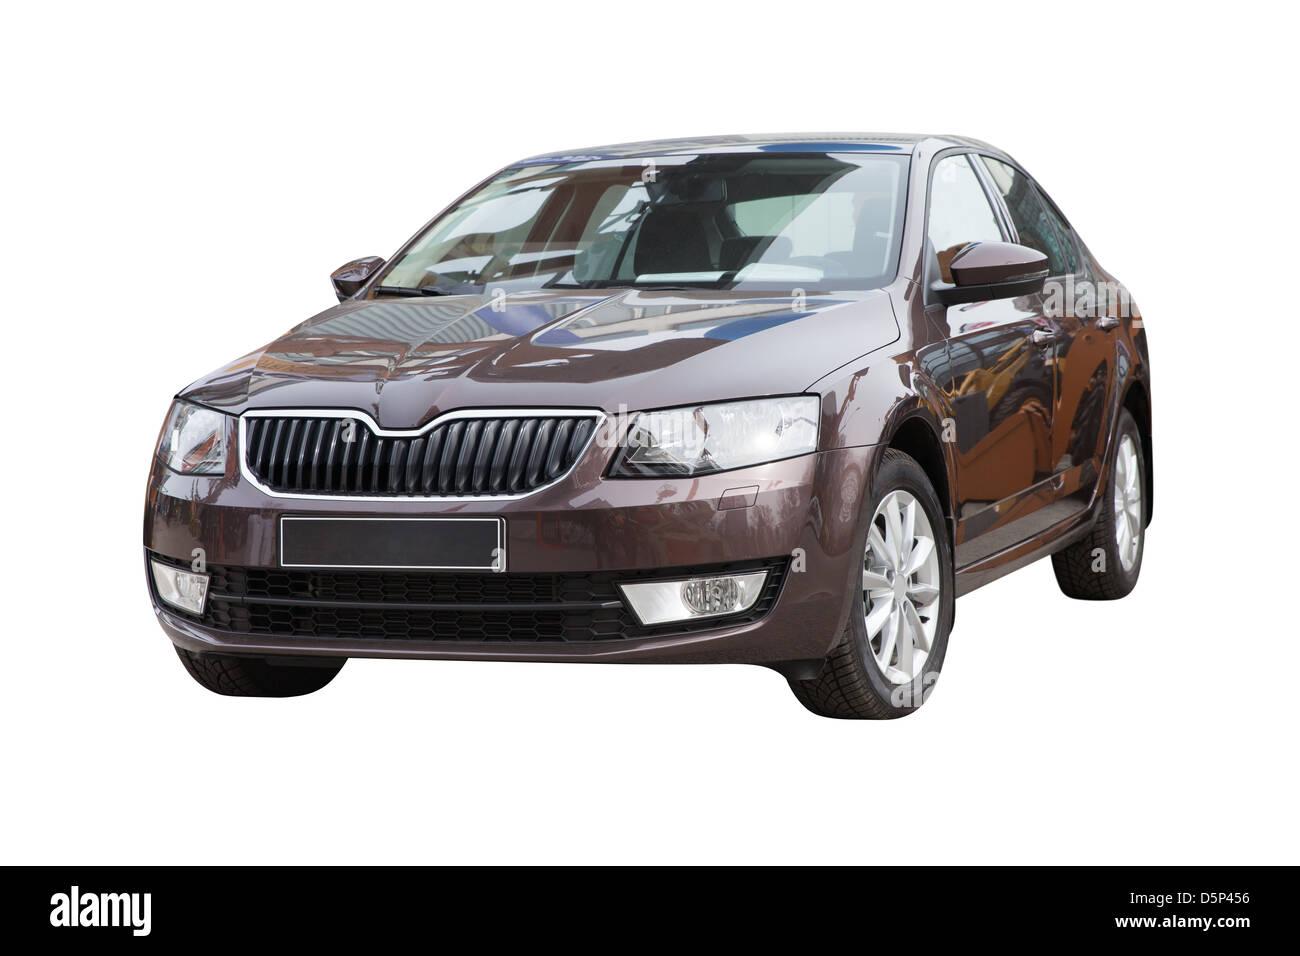 Lato anteriore del moderno di medie dimensioni per auto di famiglia (2013) Immagini Stock